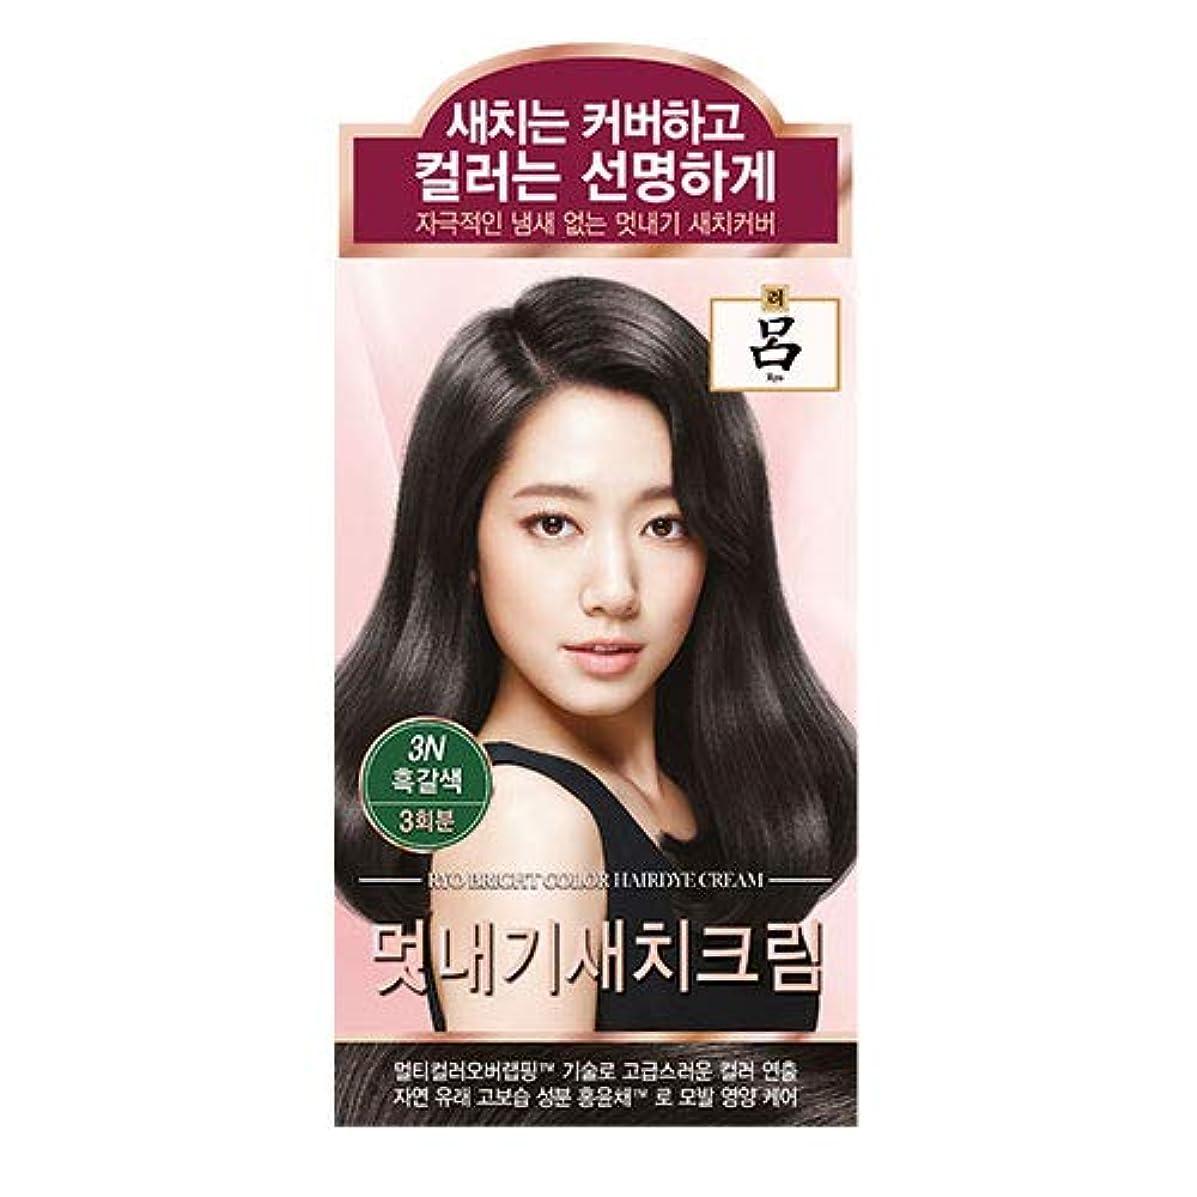 放つ小さなとげのあるアモーレパシフィック呂[AMOREPACIFIC/Ryo] ブライトカラーヘアアイクリーム 3N ダークブラウン/Bright Color Hairdye Cream 3N Dark Brown